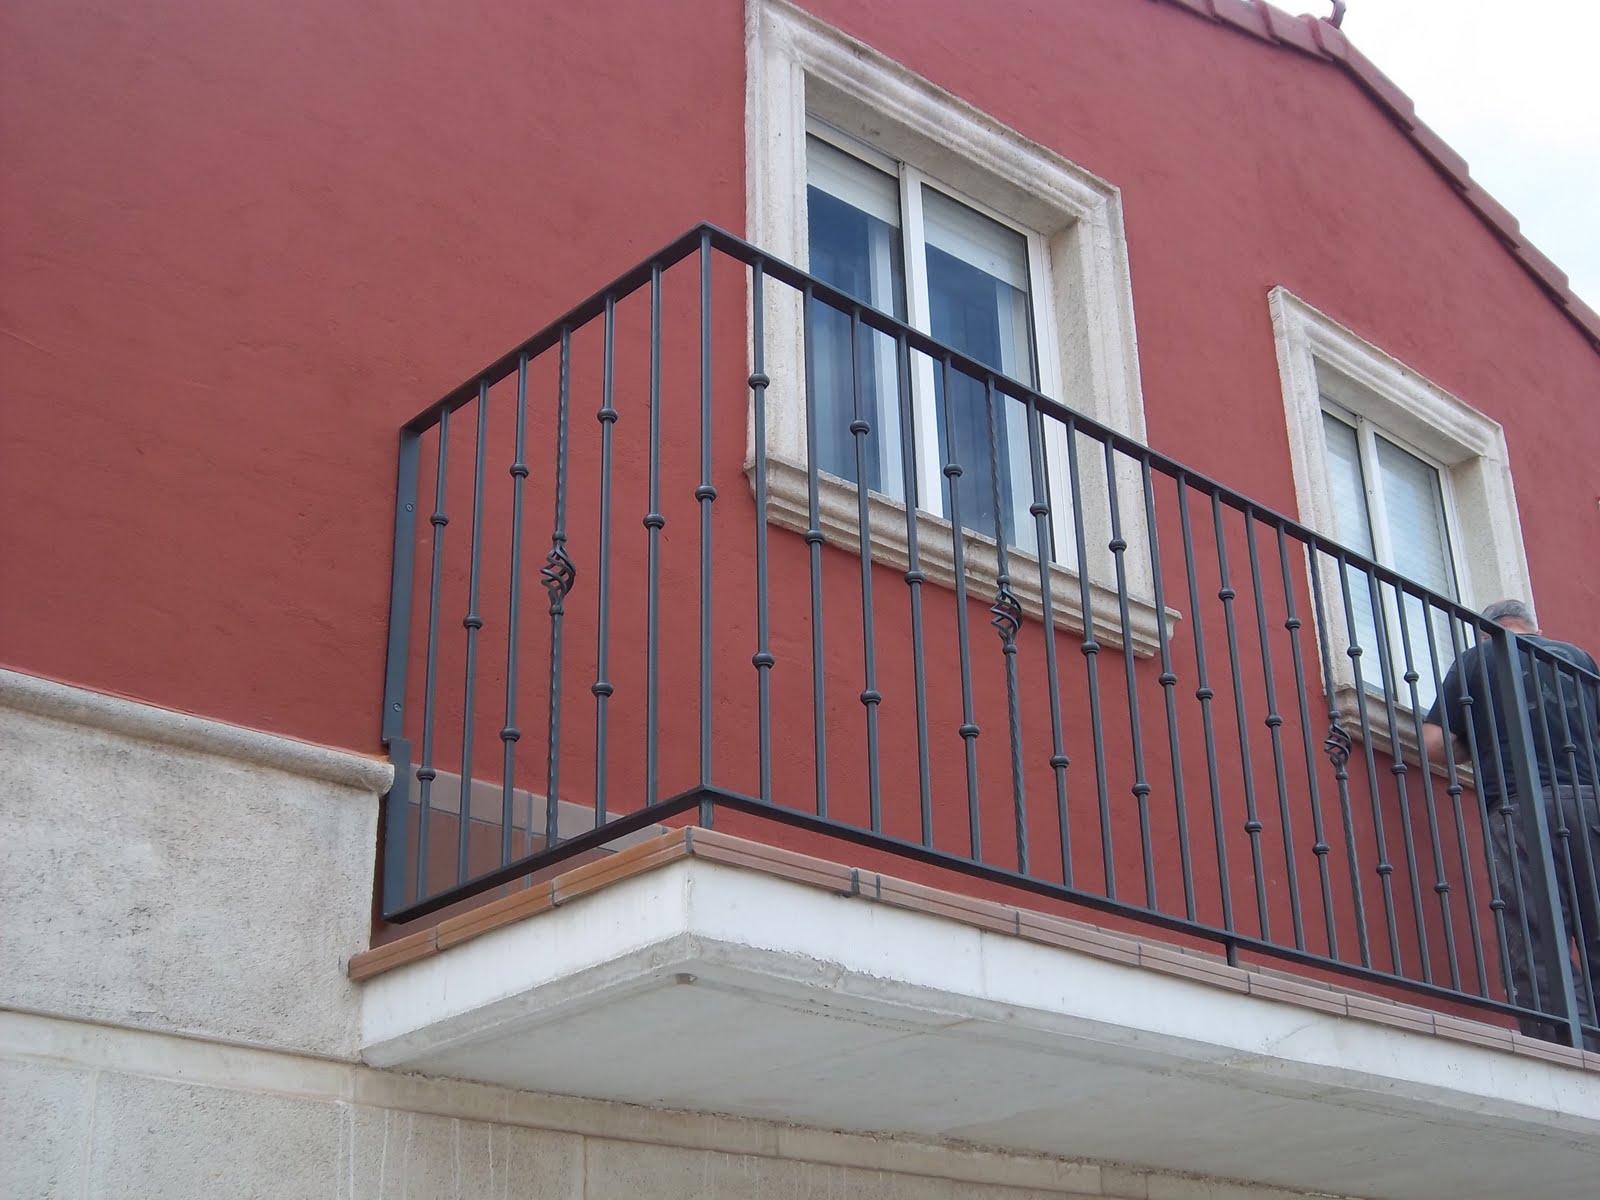 Norbel carpinteria met lica y acero inoxidable balcones y - Balcones de forja antiguos ...